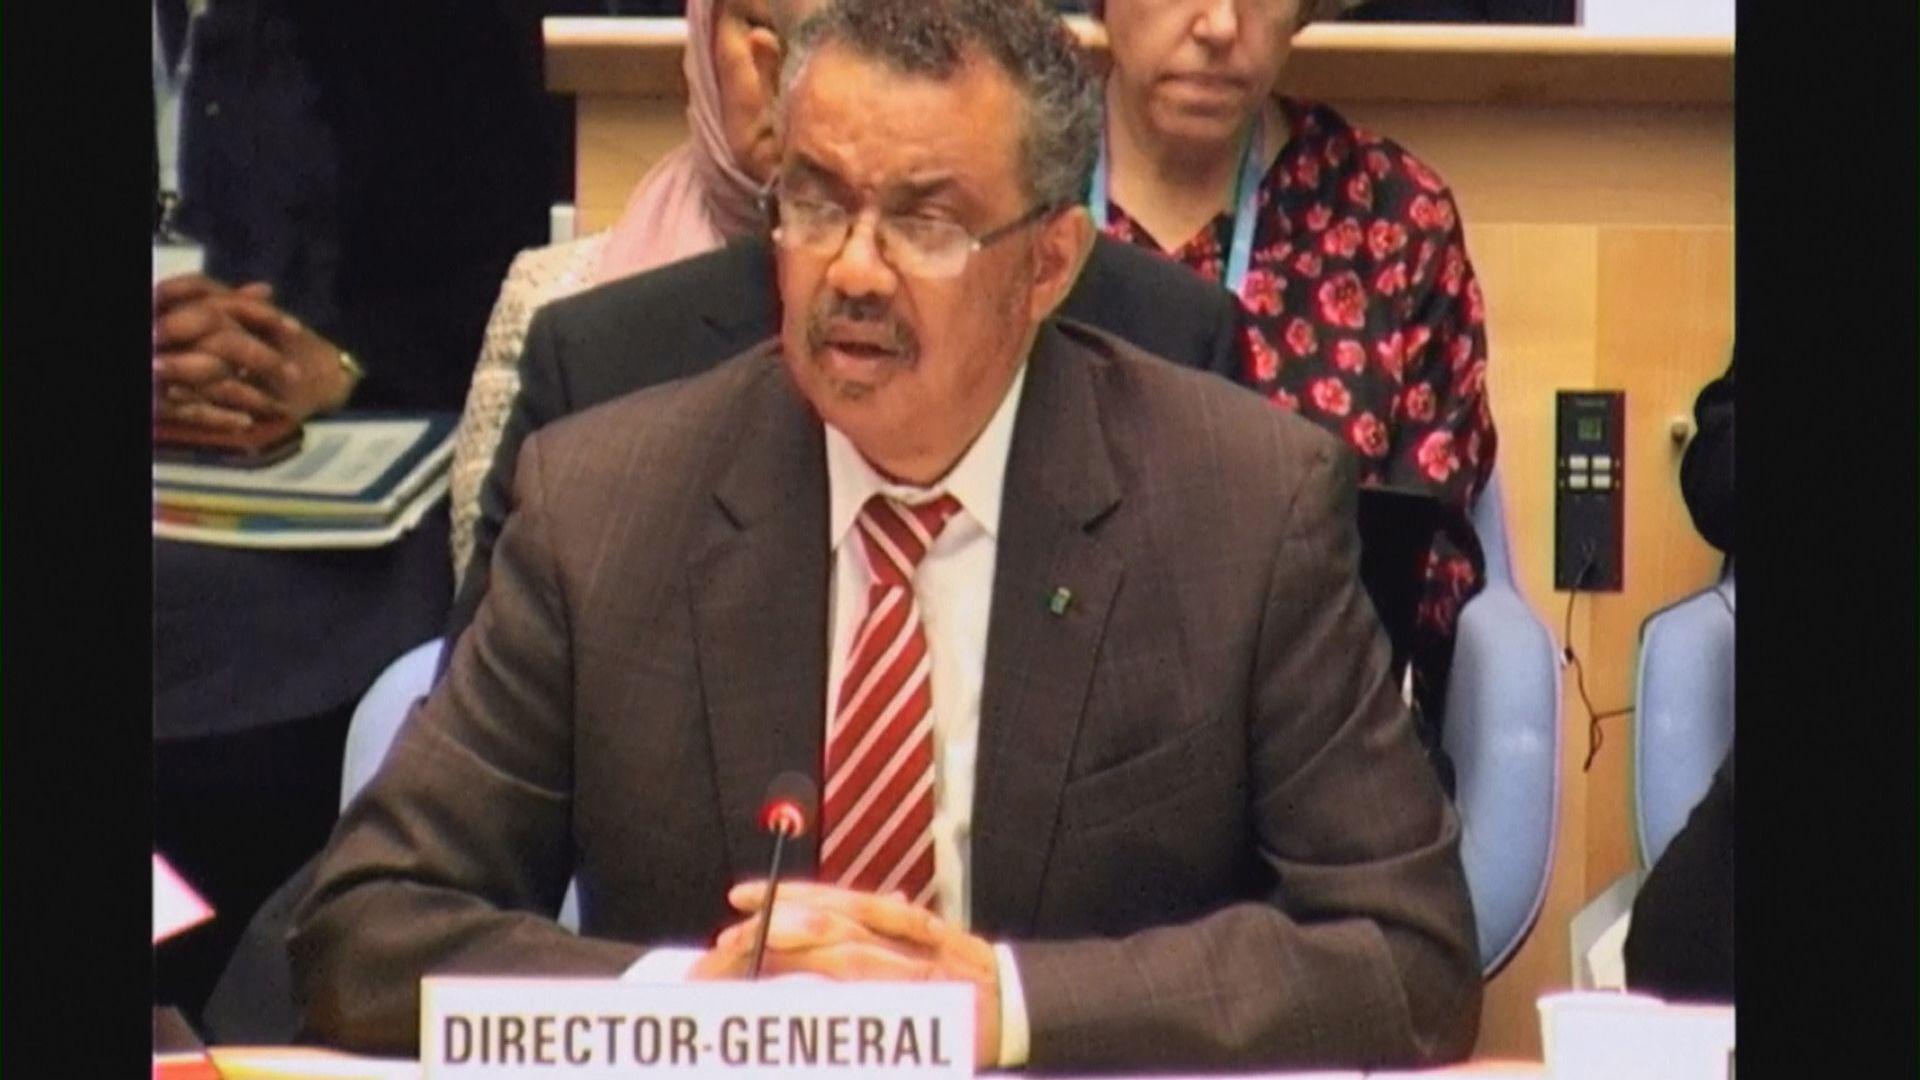 世衛總幹事:無必要干預國際旅遊及貿易